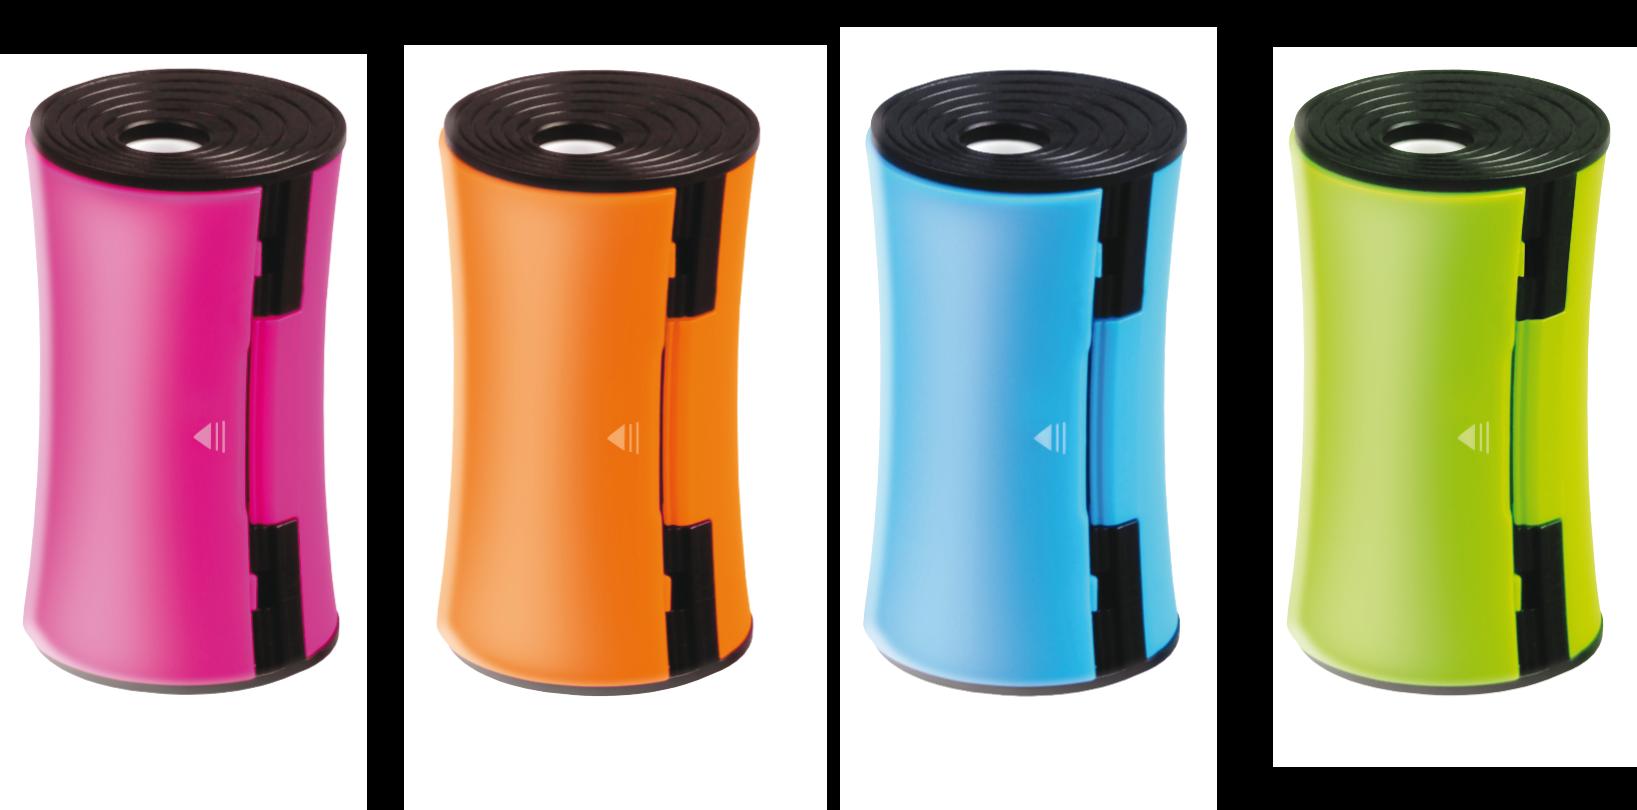 <p>Temperówka o ergonomicznym kształcie z dwoma otworami różnej średnicy (11 mm, 8 mm).</p>